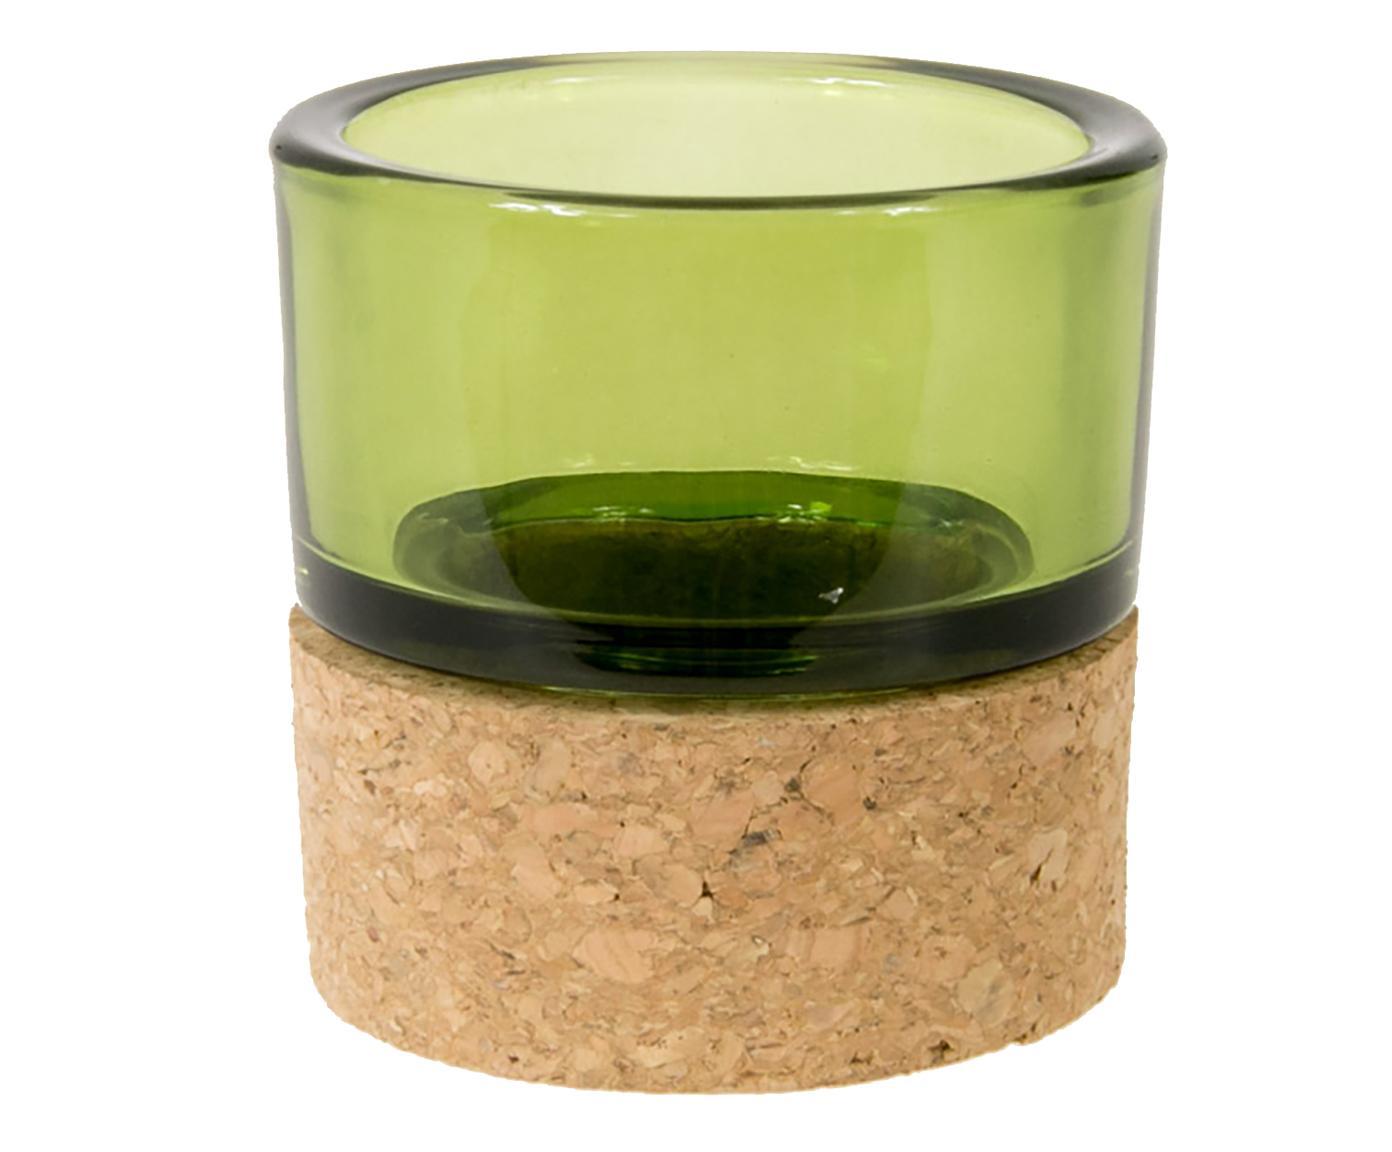 Porta tealight in vetro e sughero verde chiaro